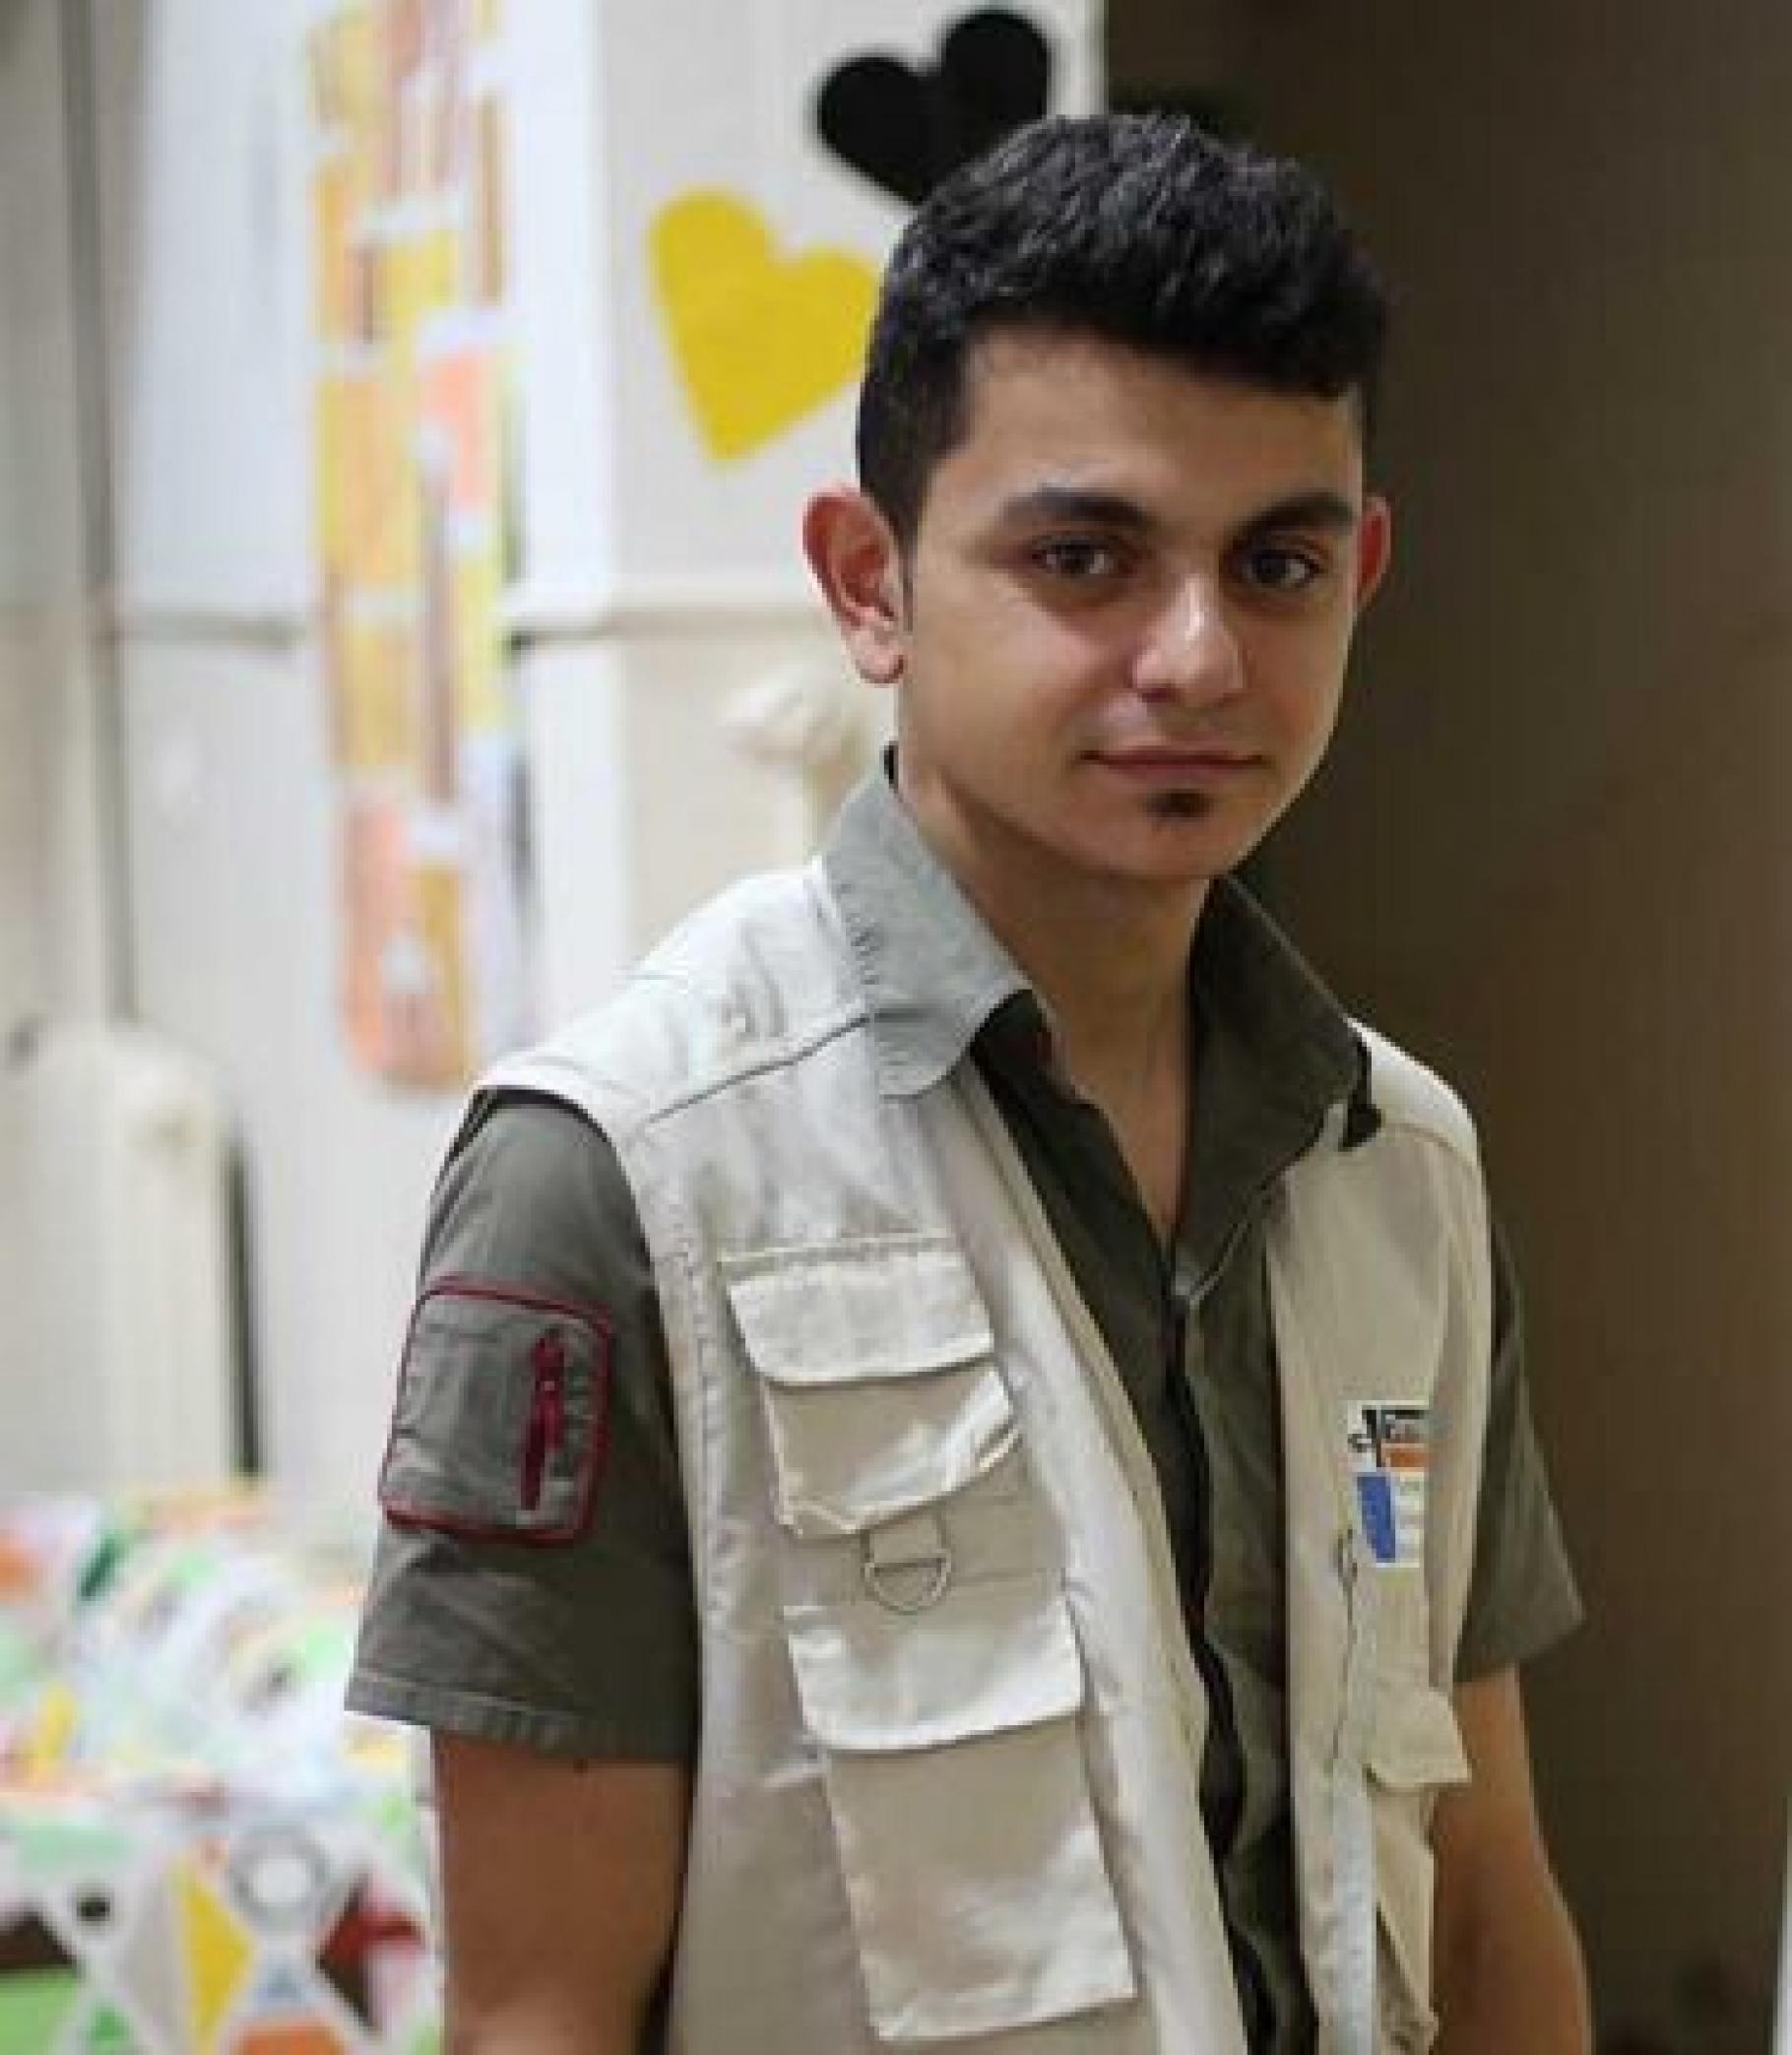 Hazem aus Syrien